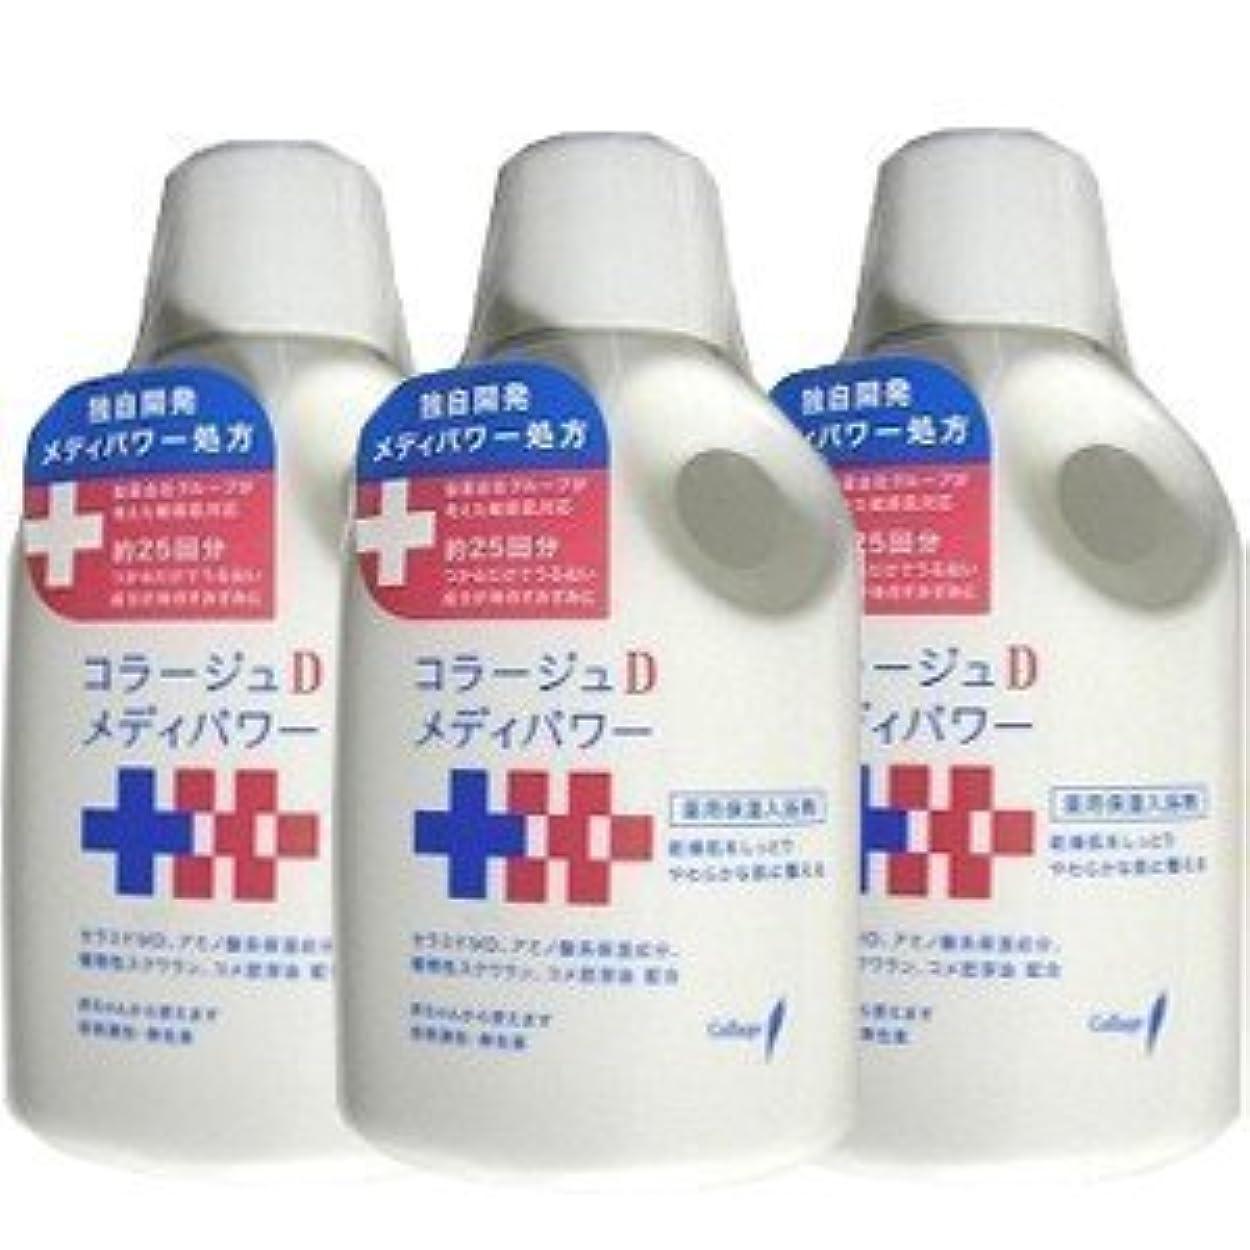 レーザノイズ無意味【3本】コラージュD メディパワー保湿入浴剤 500mlx3本